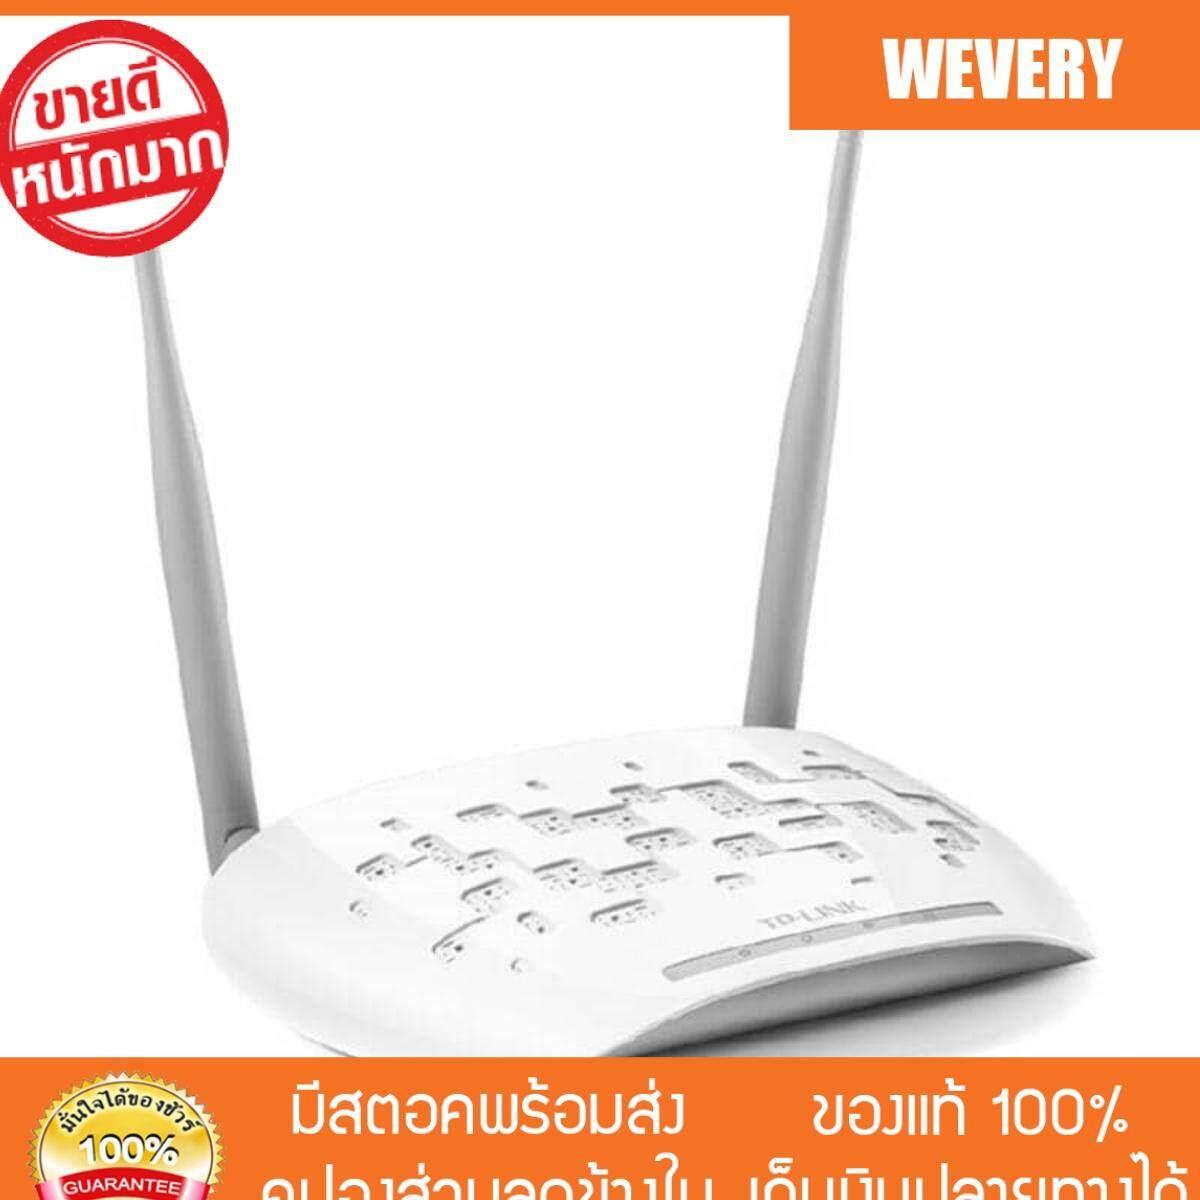 ลดสุดๆ [Wevery] TP-LINK TL-WA801ND (300Mbps Wireless N Access Point) Wi-Fi ตัวรับไวไฟ ตัวรับสัญญาณ wifi ส่ง Kerry เก็บปลายทางได้